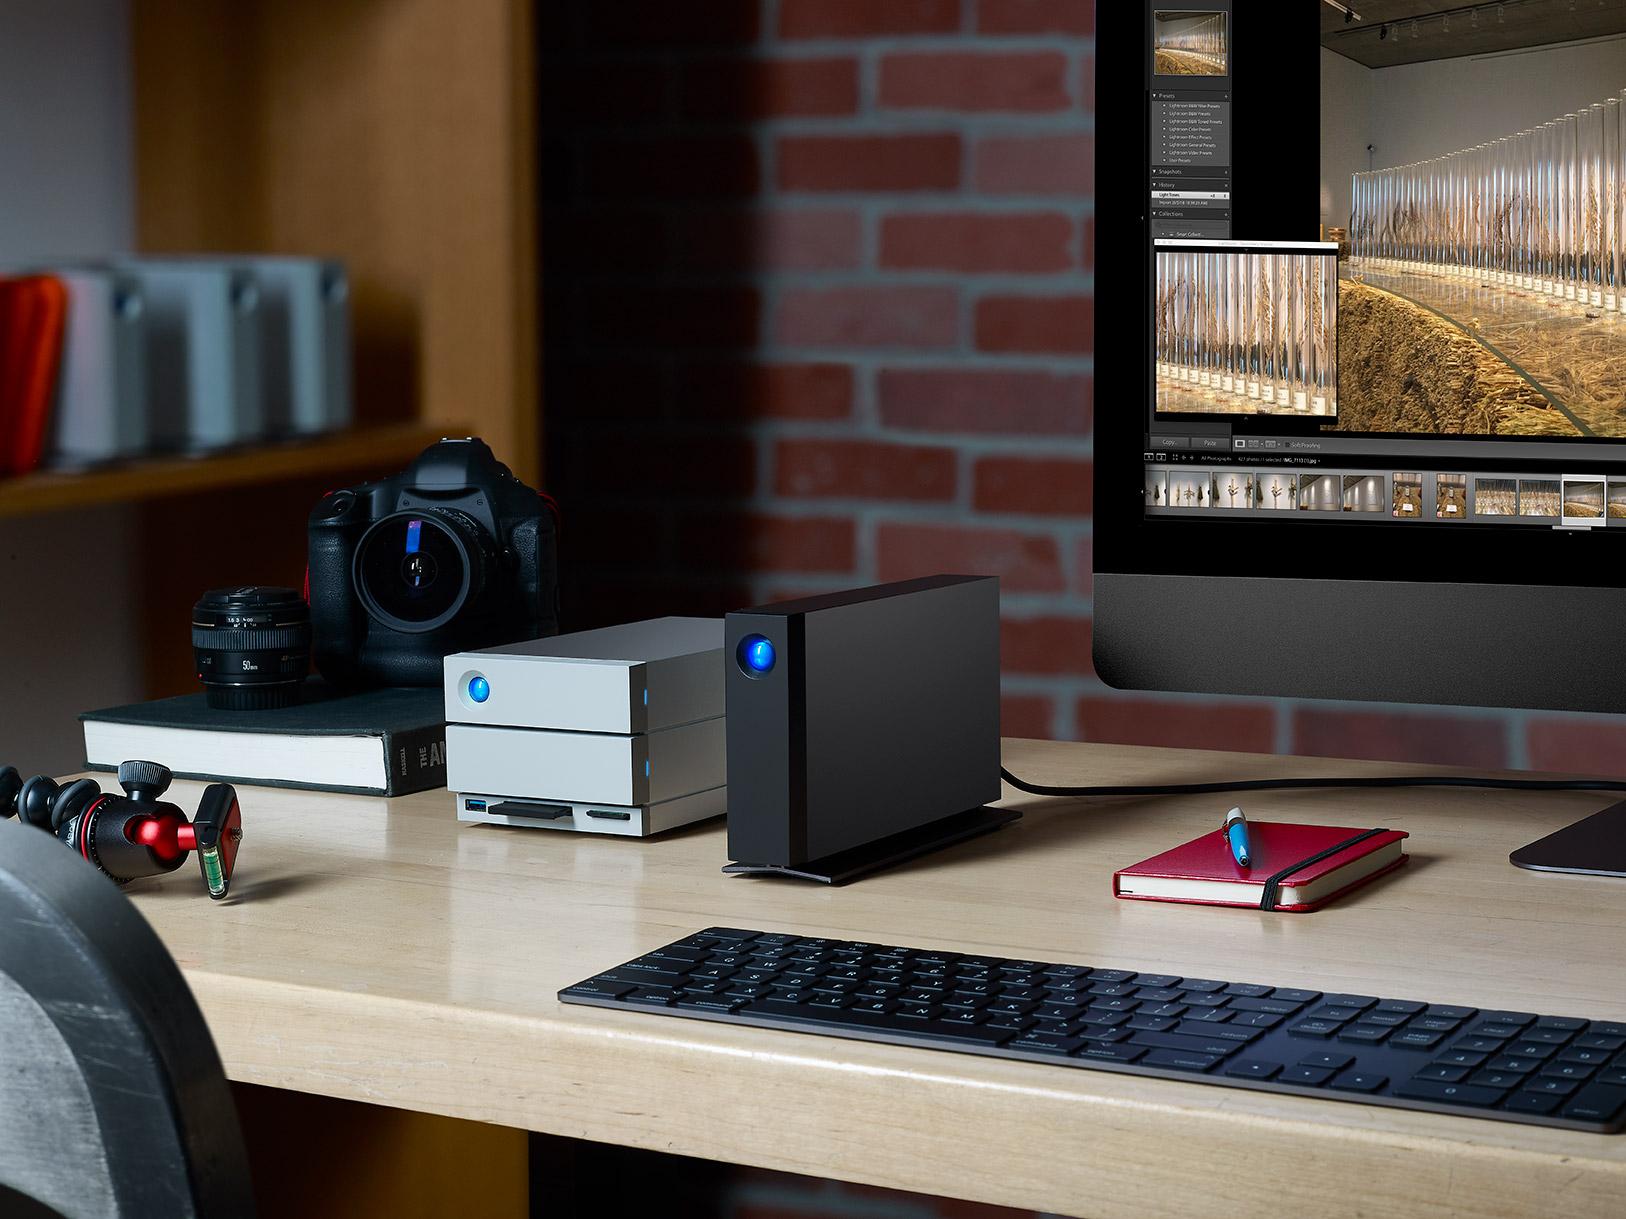 LaCie d2 Professional – externí disk pro náročné skapacitou až 10 TB